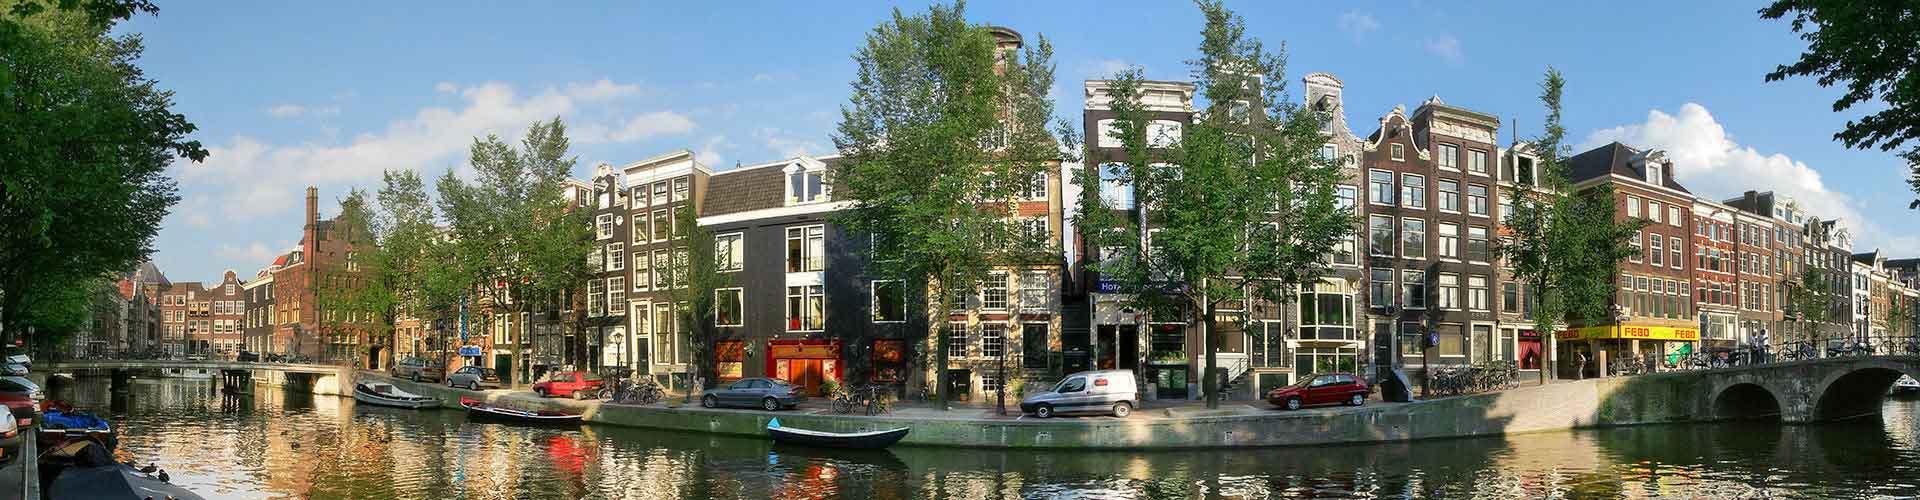 Amsterdam - Chambres près de City Center. Cartes pour Amsterdam, photos et commentaires pour chaque chambre à Amsterdam.